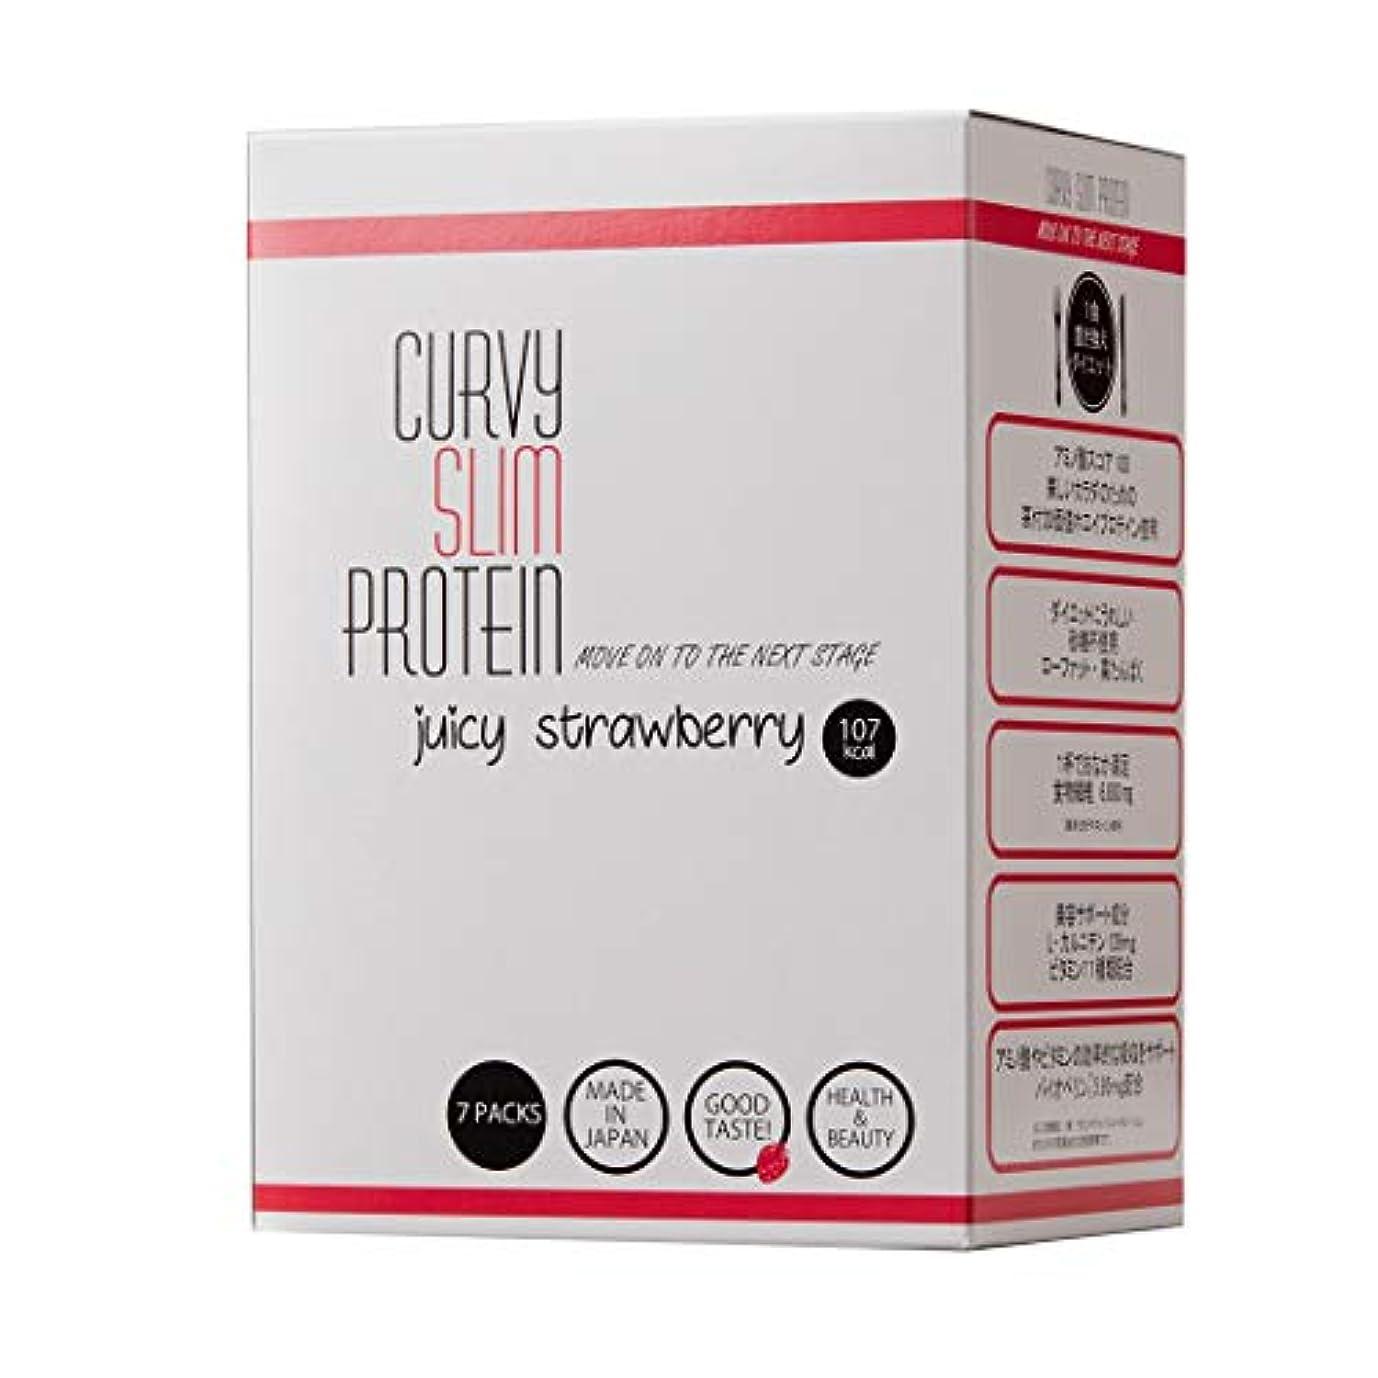 ディスコ風変わりな理容師カーヴィースリム® プロテイン ジューシーストロベリー 置き換え ダイエット 7包(7食分)